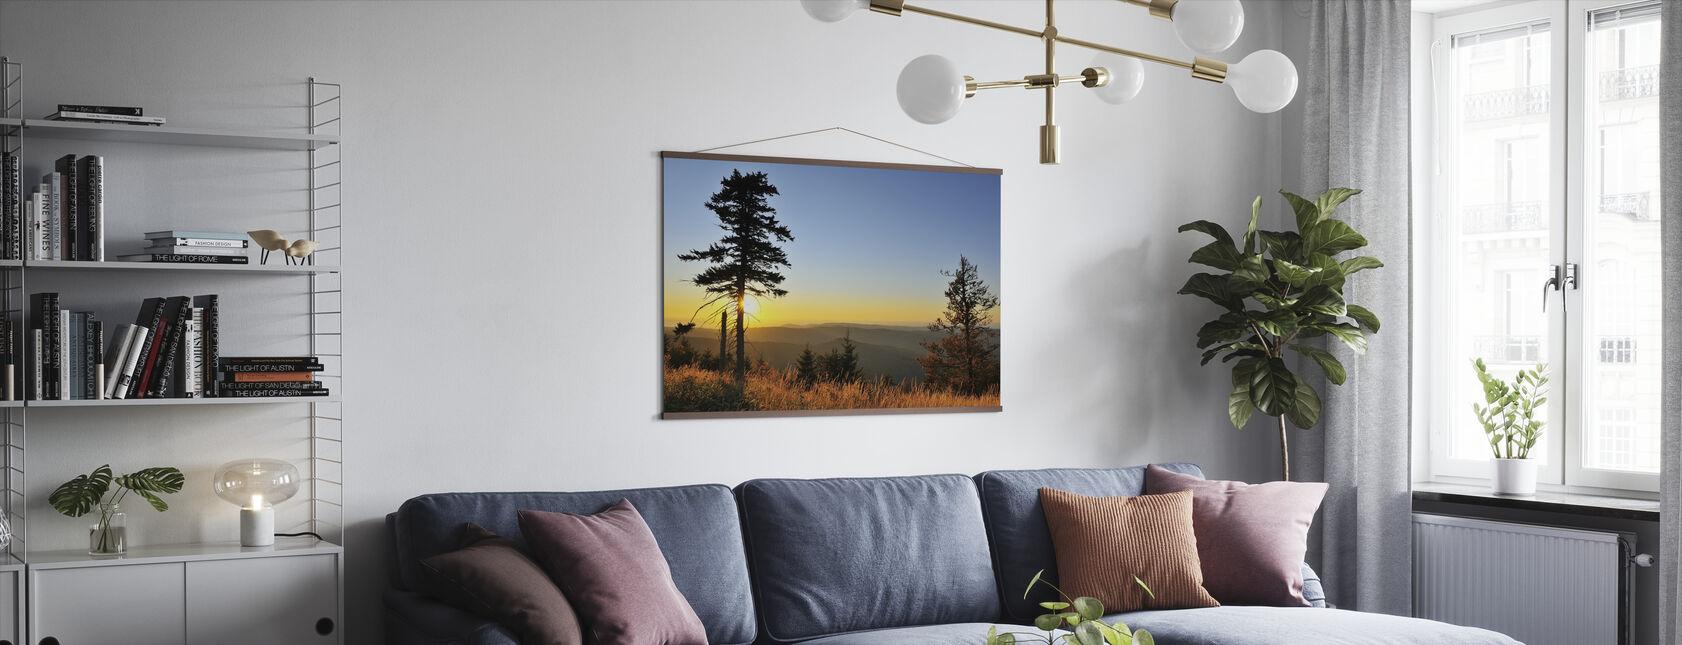 Thüringenin metsä auringonlaskun aikaan - Juliste - Olohuone